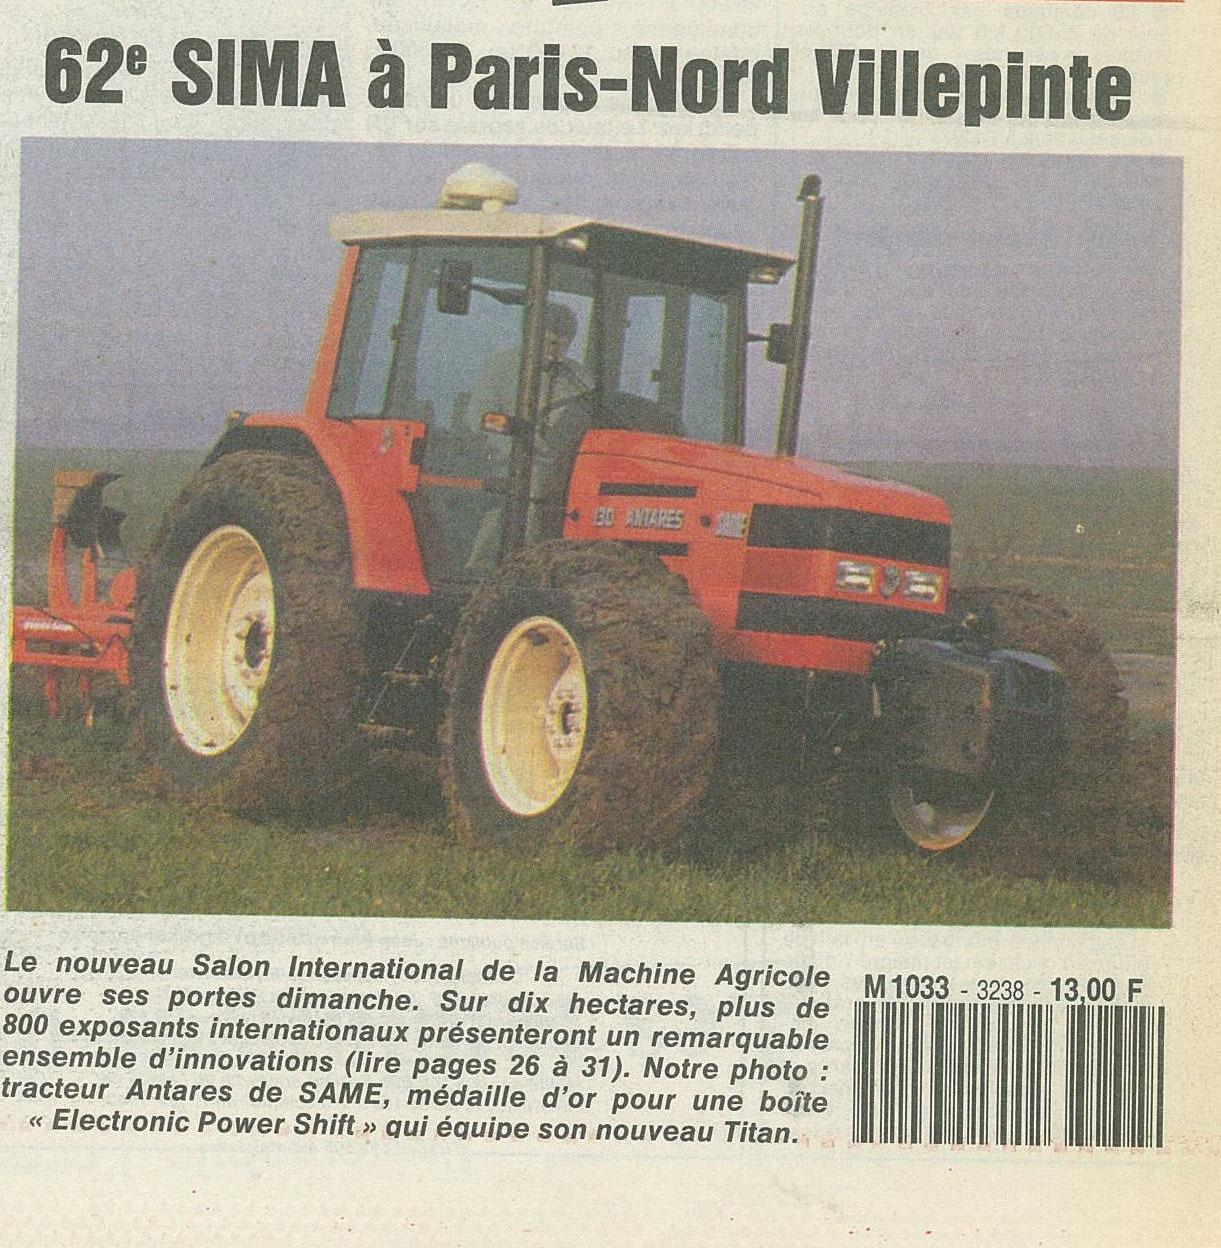 62 sima à Paris-Nord Villepinte